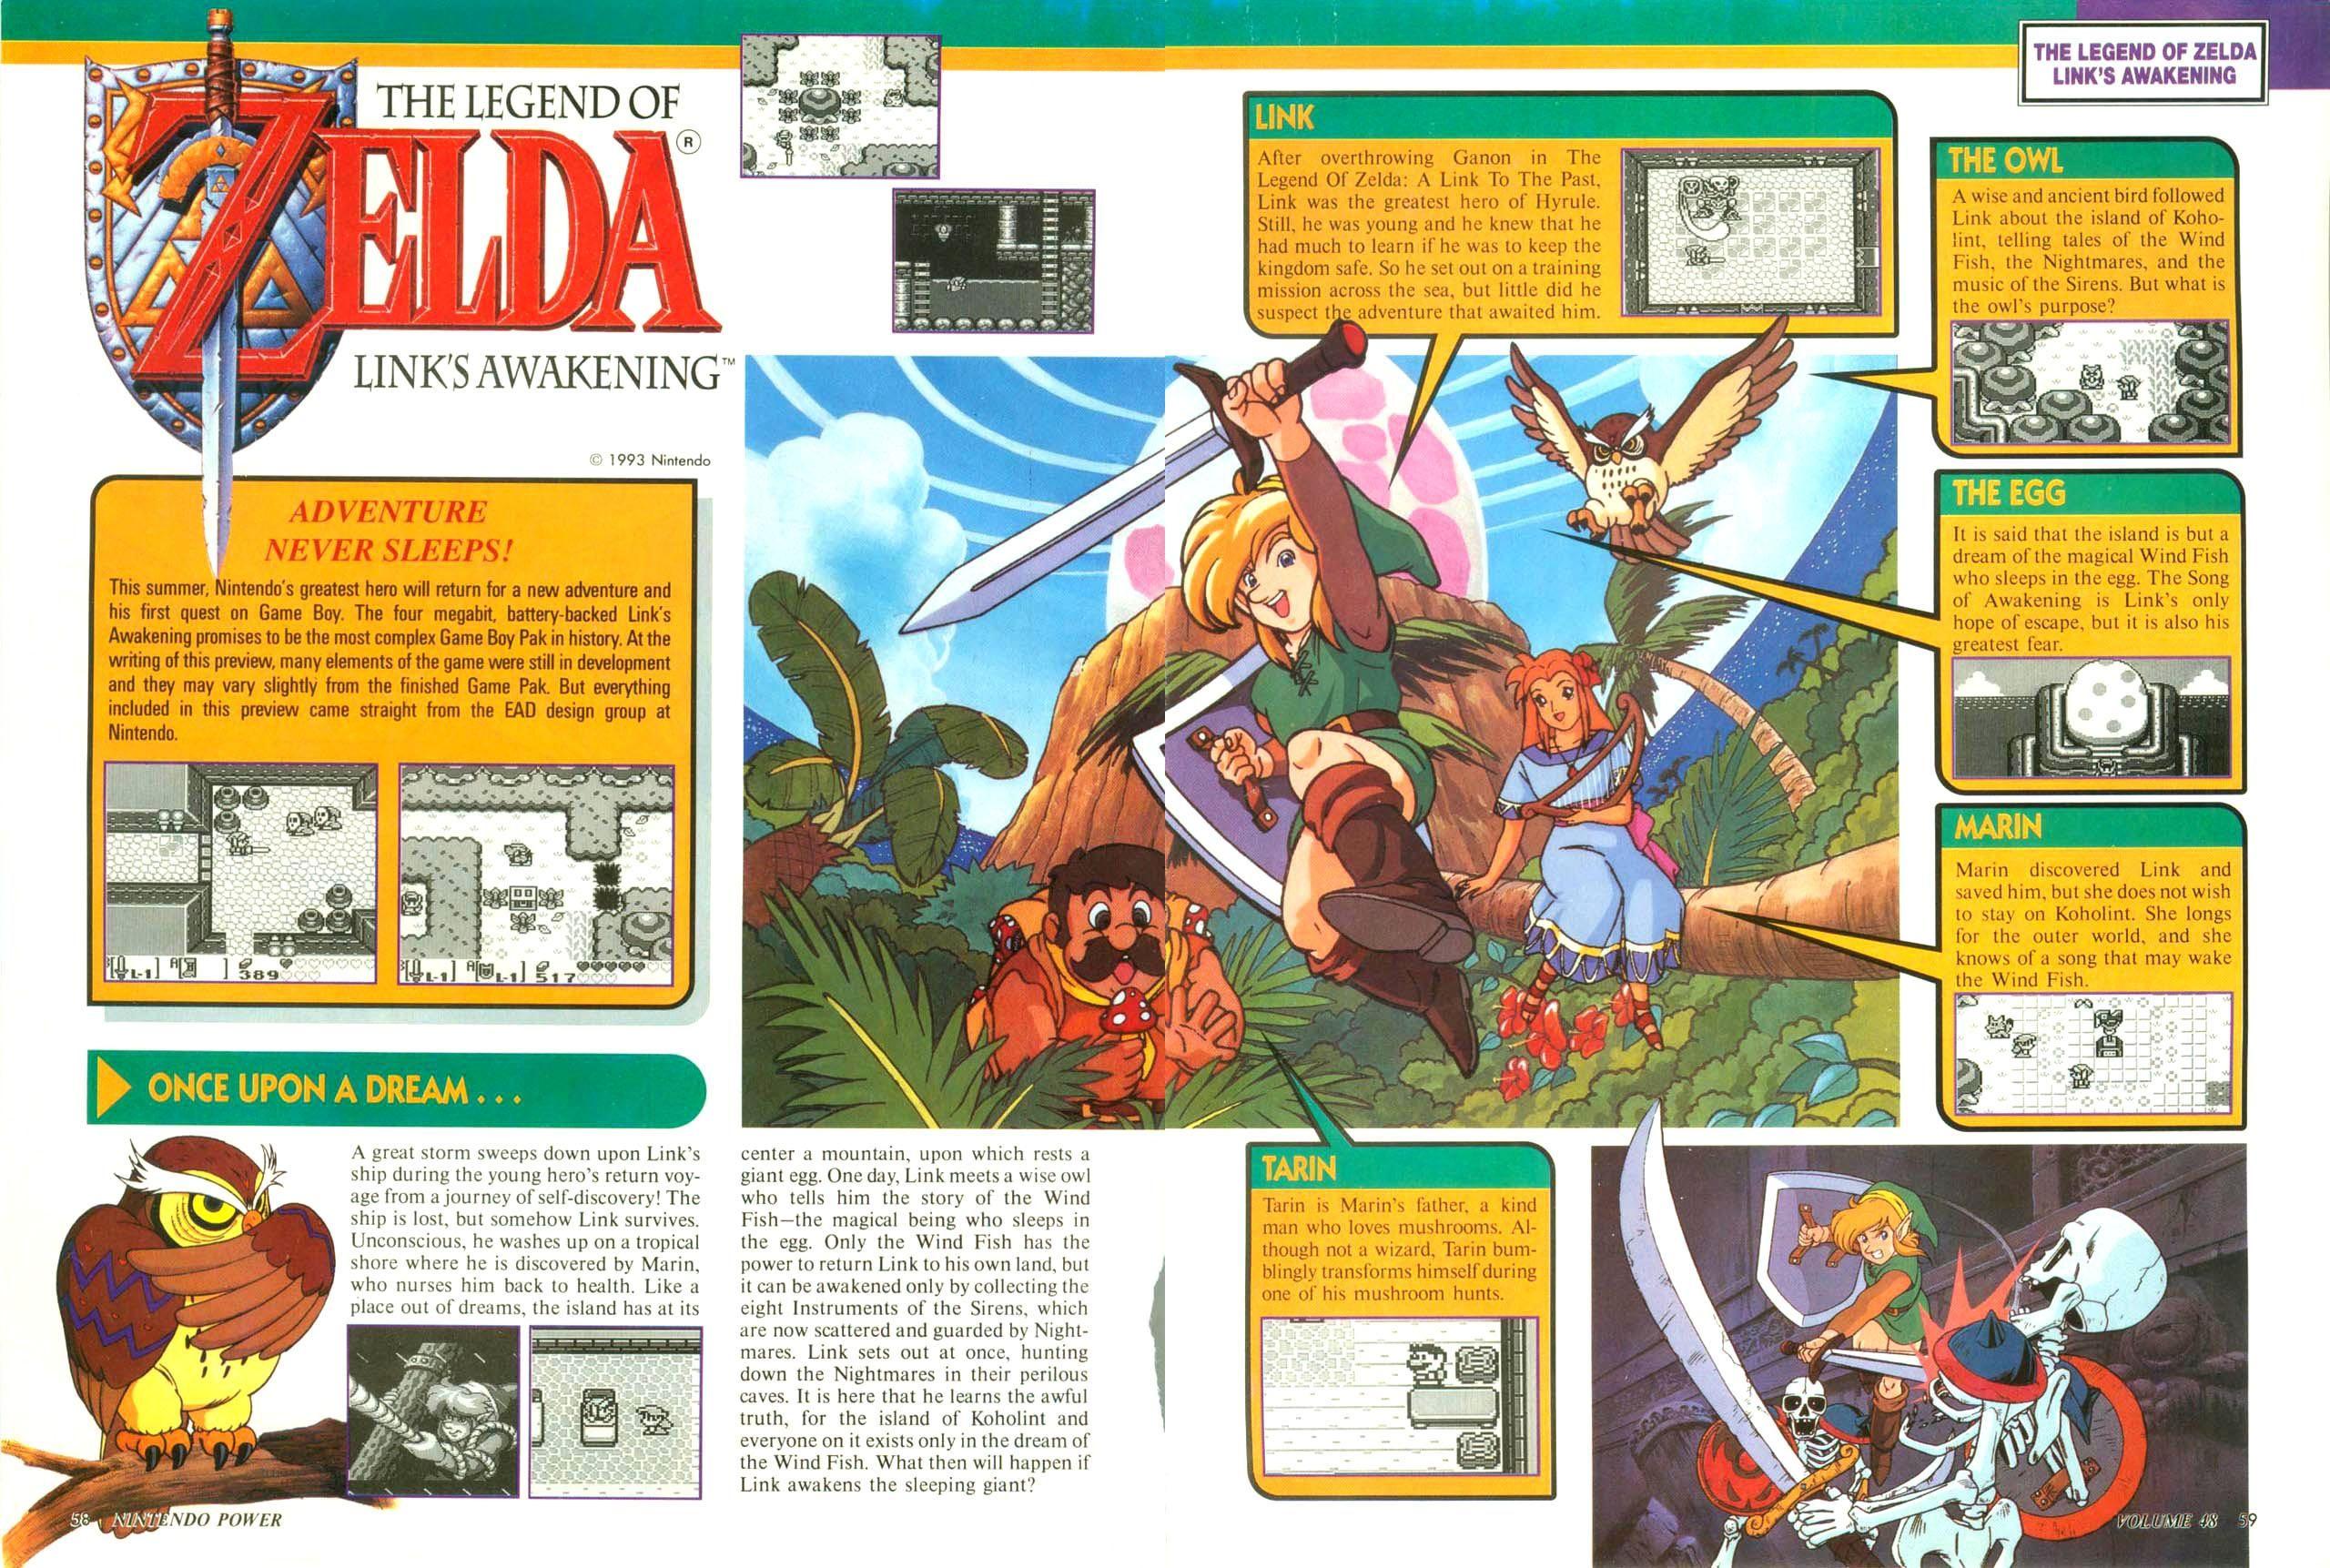 Legend Of Zelda Link S Awakening From Issue 50 Of